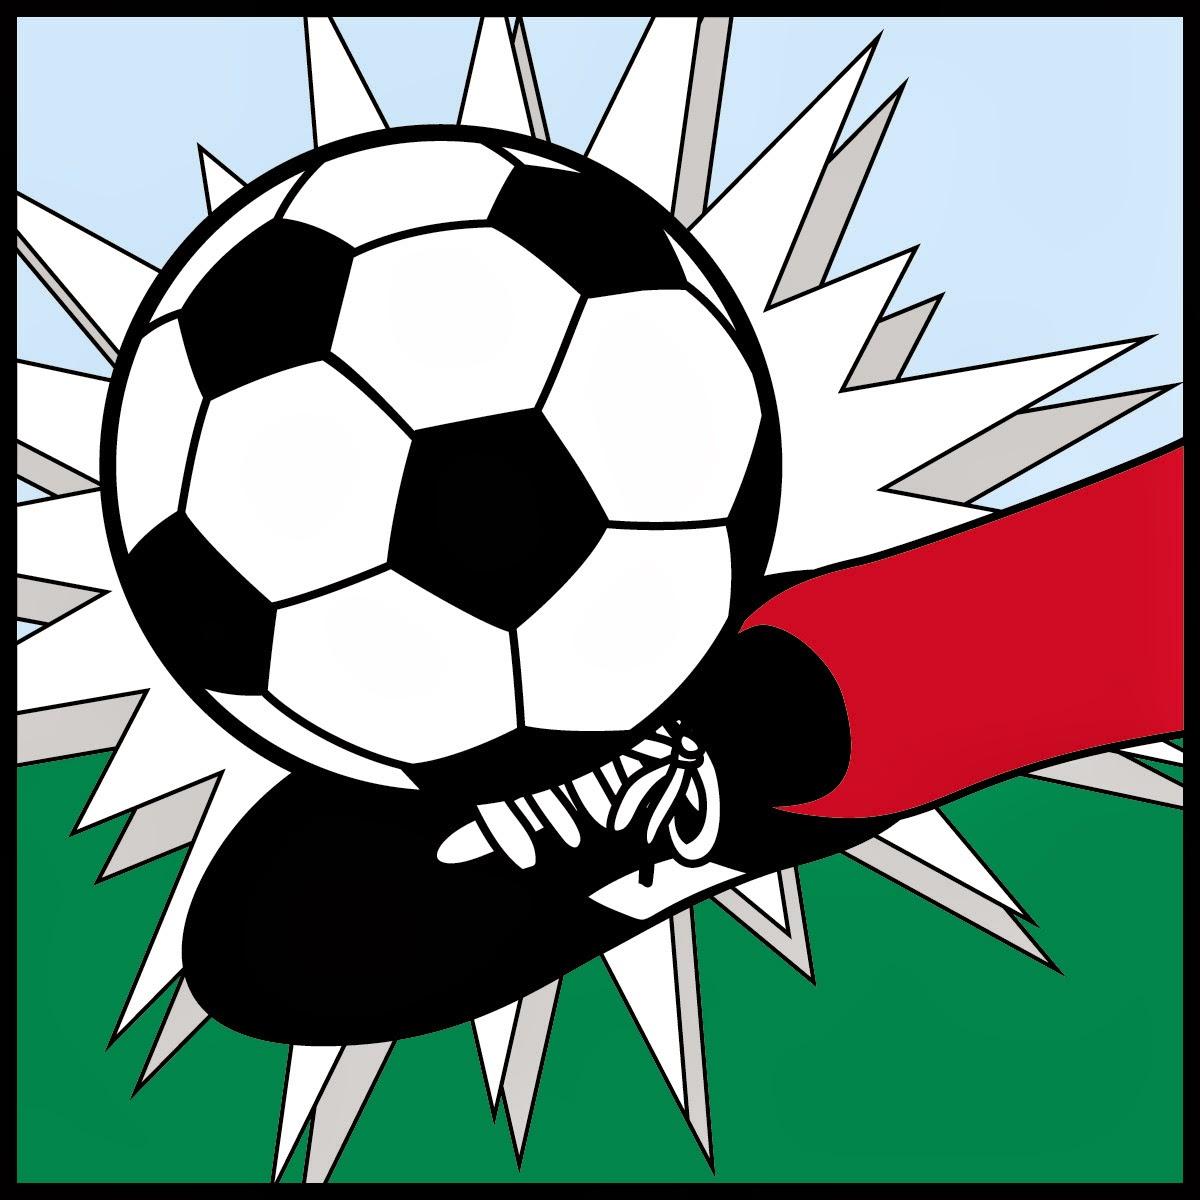 Sejarah sepakbola beserta aturan+turnamen